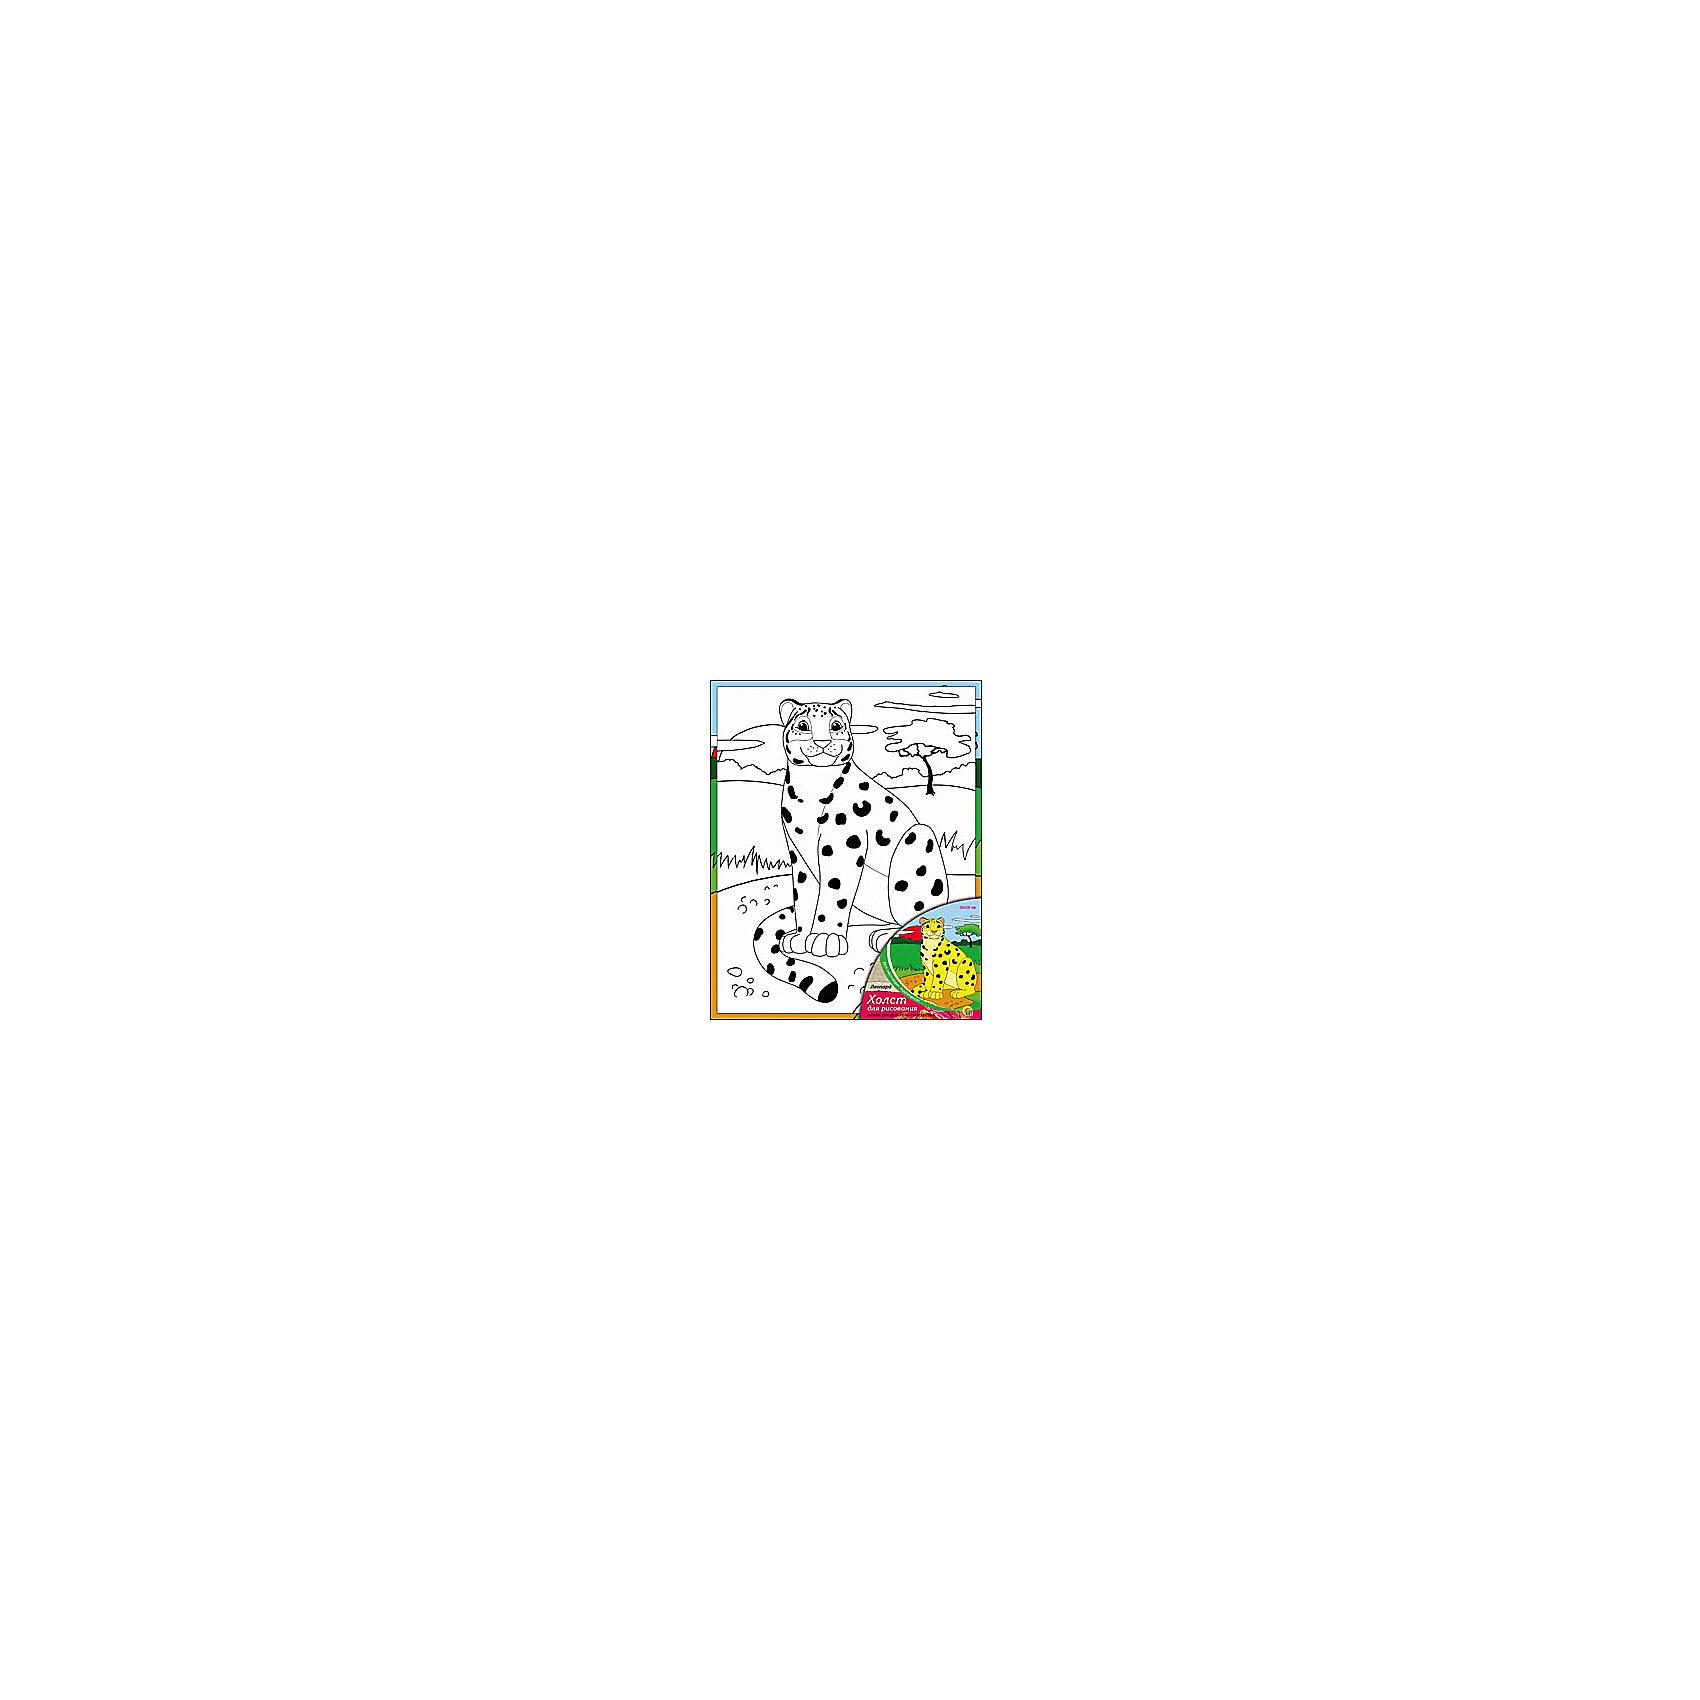 Холст с красками Леопард, 20х25 смРисование<br>Холст с красками Леопард - прекрасный подарок детям, которые любят рисовать. В наборе вы найдете всё, что нужно для детского творчества: холст с эскизом, яркие краски и кисточка. Готовую картинку можно подарить друзьям или украсить свою комнату!<br><br>Дополнительная информация:<br>В наборе: холст-эскиз, 7 акриловых красок, кисточка<br>Размер: 20х1,5х25 см<br>Вес: 210 грамм<br>Холст с красками Леопард можно купить в нашем интернет-магазине.<br><br>Ширина мм: 250<br>Глубина мм: 15<br>Высота мм: 200<br>Вес г: 210<br>Возраст от месяцев: 36<br>Возраст до месяцев: 120<br>Пол: Унисекс<br>Возраст: Детский<br>SKU: 4939520